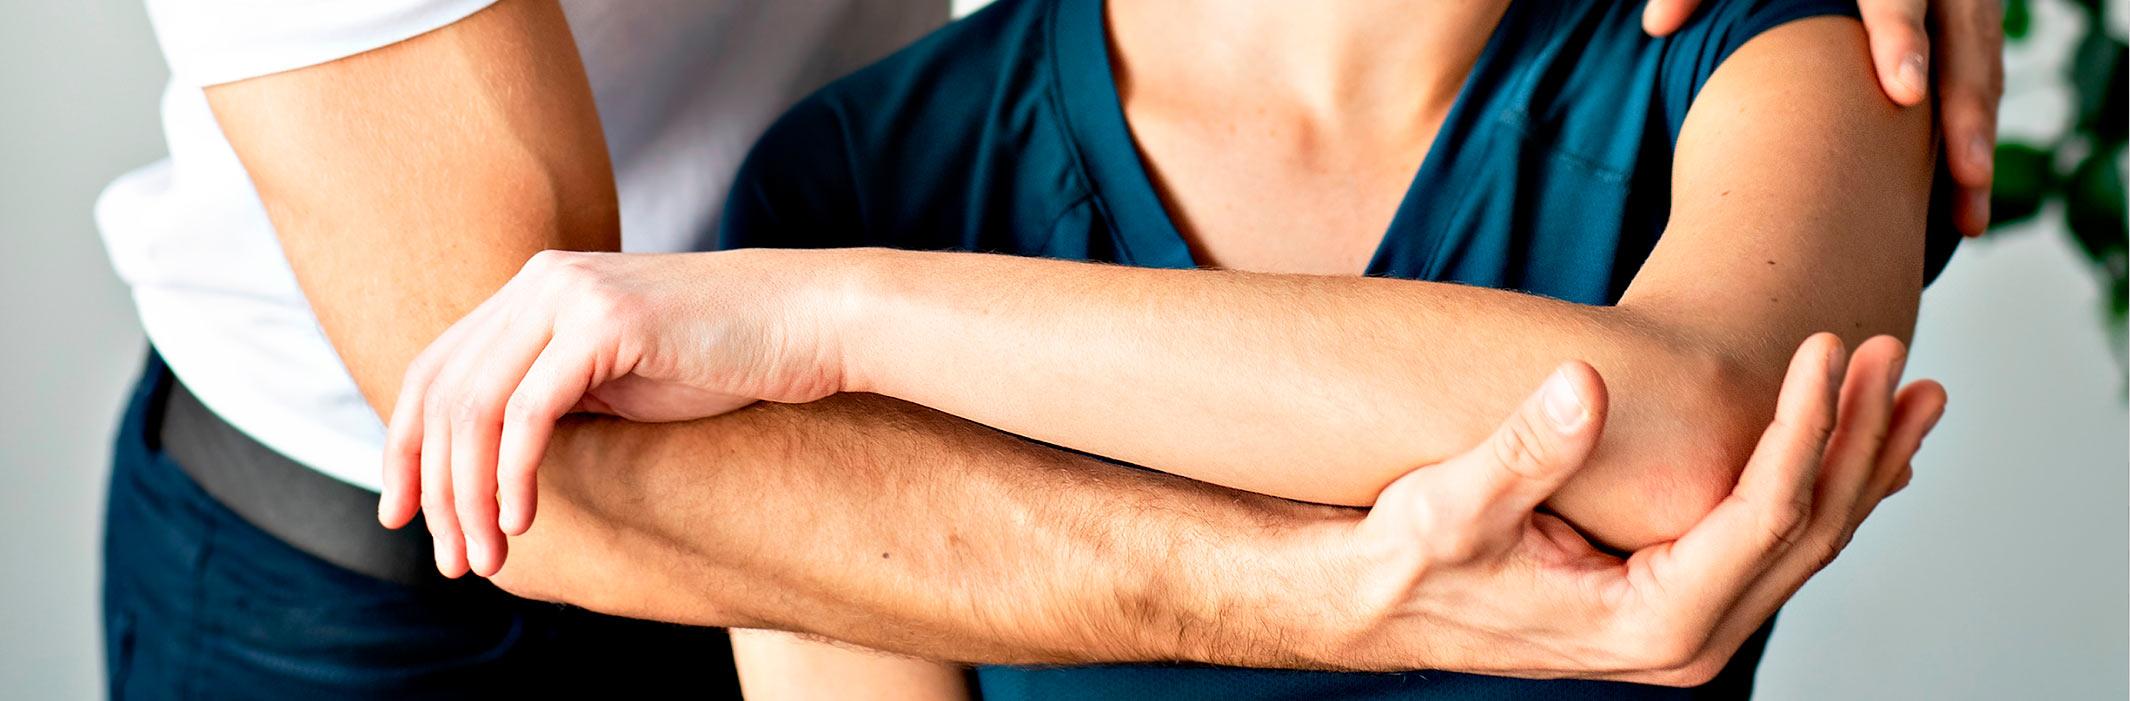 CI THERAPY, Terapia De Inducción Del Movimiento Por Restricción: EVIDENCIA